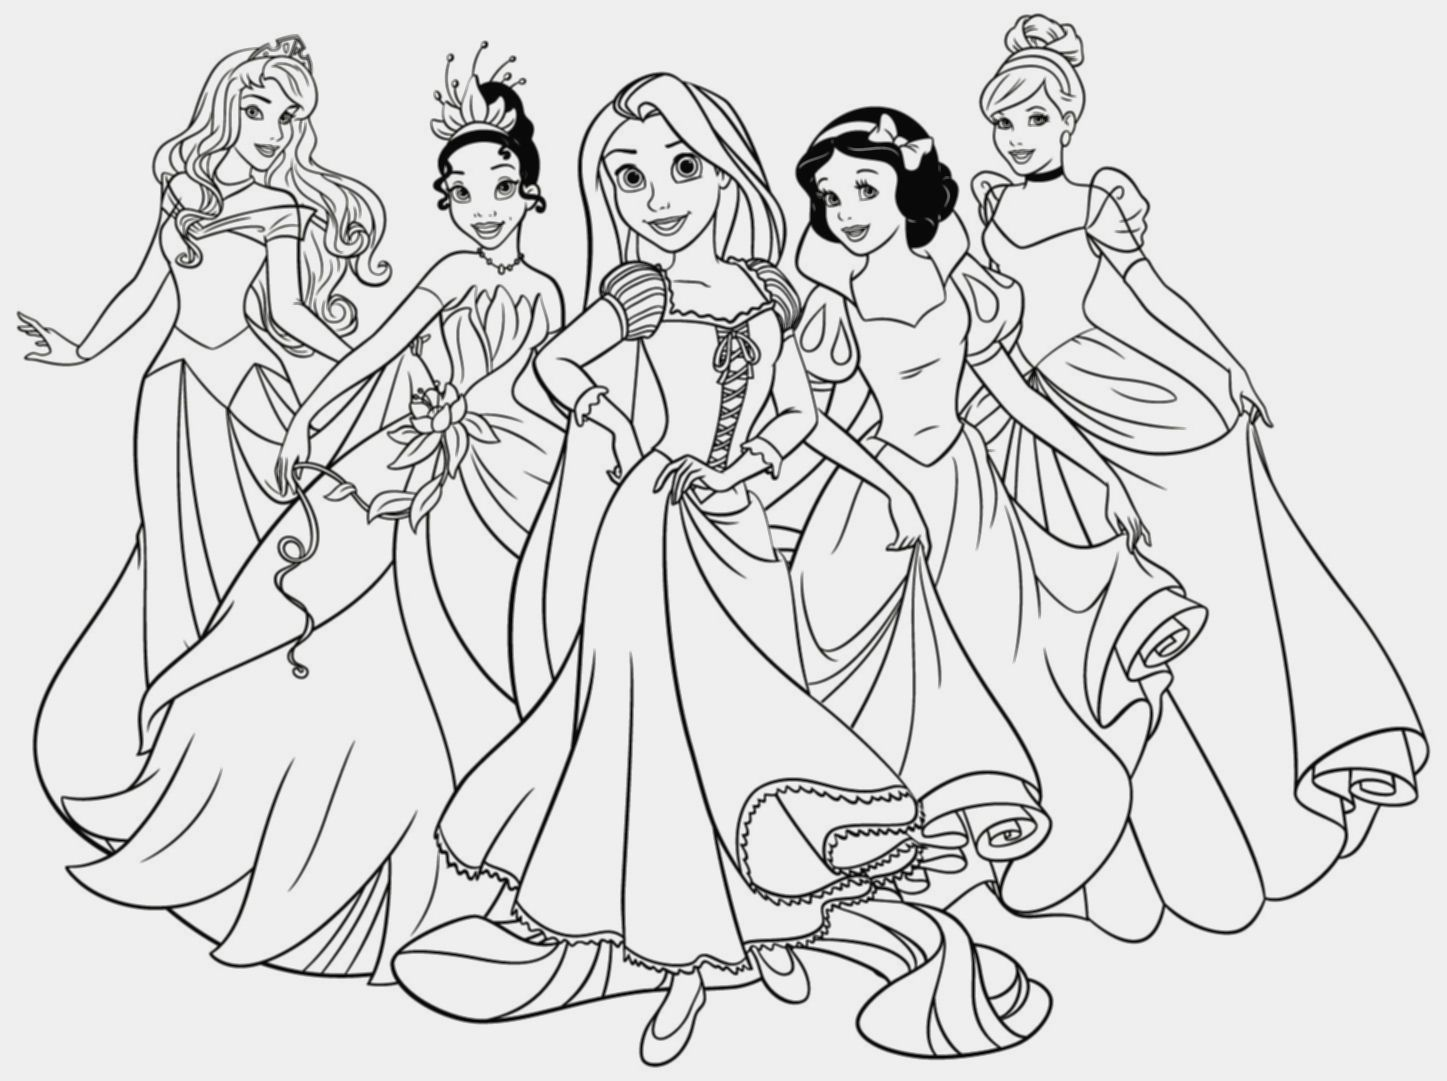 Walt Disney Da Colorare.Risultati Immagini Per Disegni Da Colorare Walt Disney Disegni